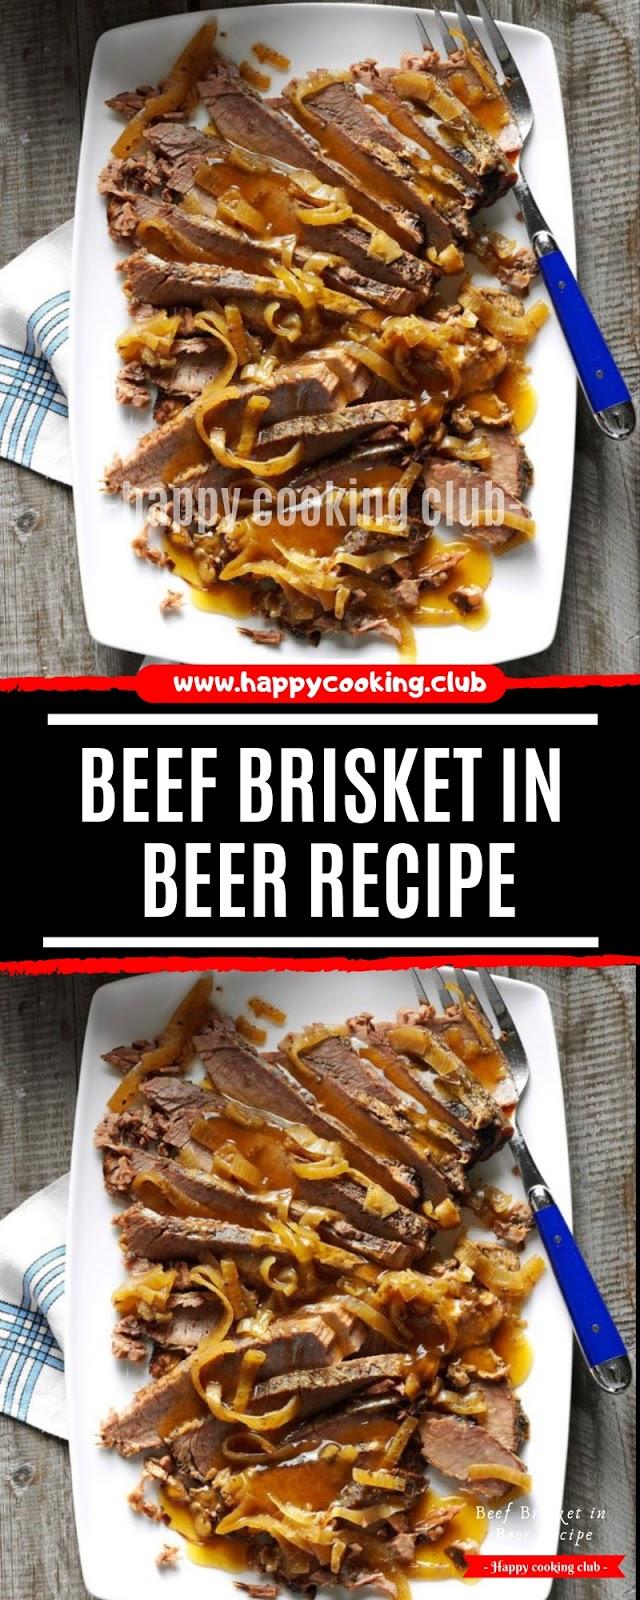 Beef Brisket in Beer Recipe